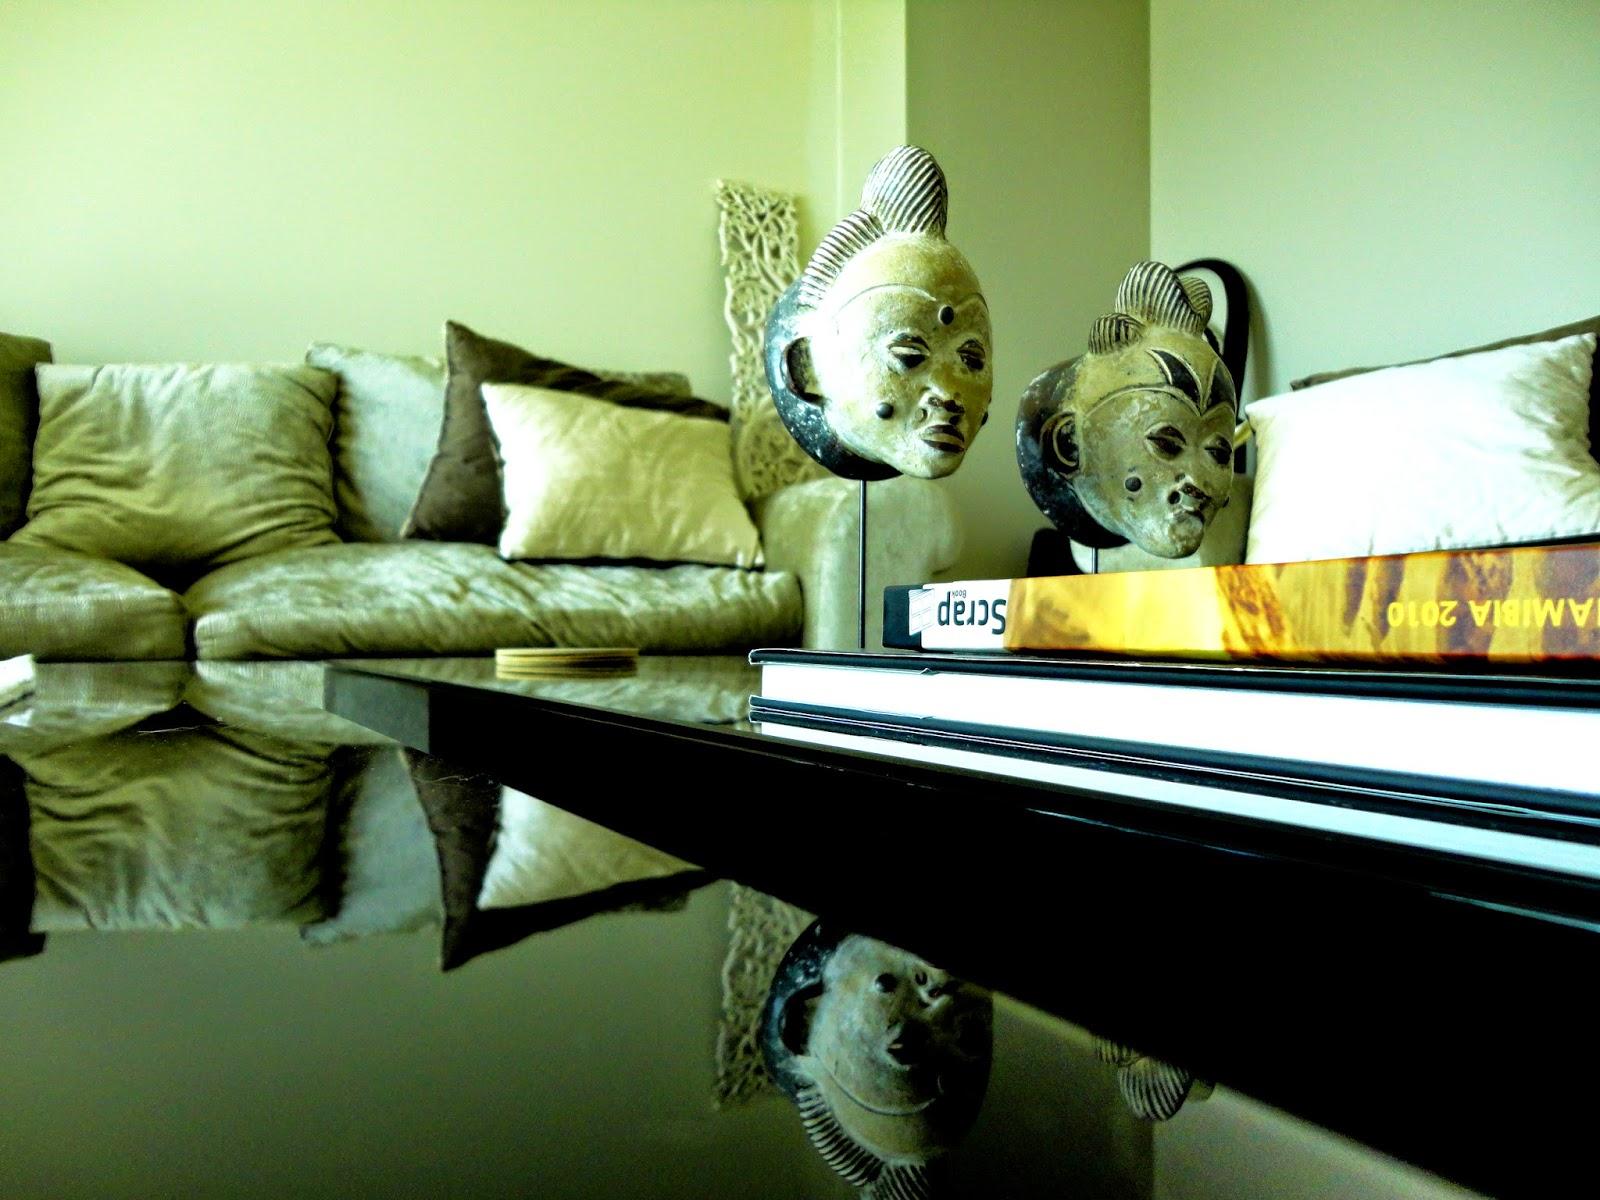 As referências africanas são encontradas pela casa com muito  savoir-faire:  discretas mas que se notam pela força que transmitem.